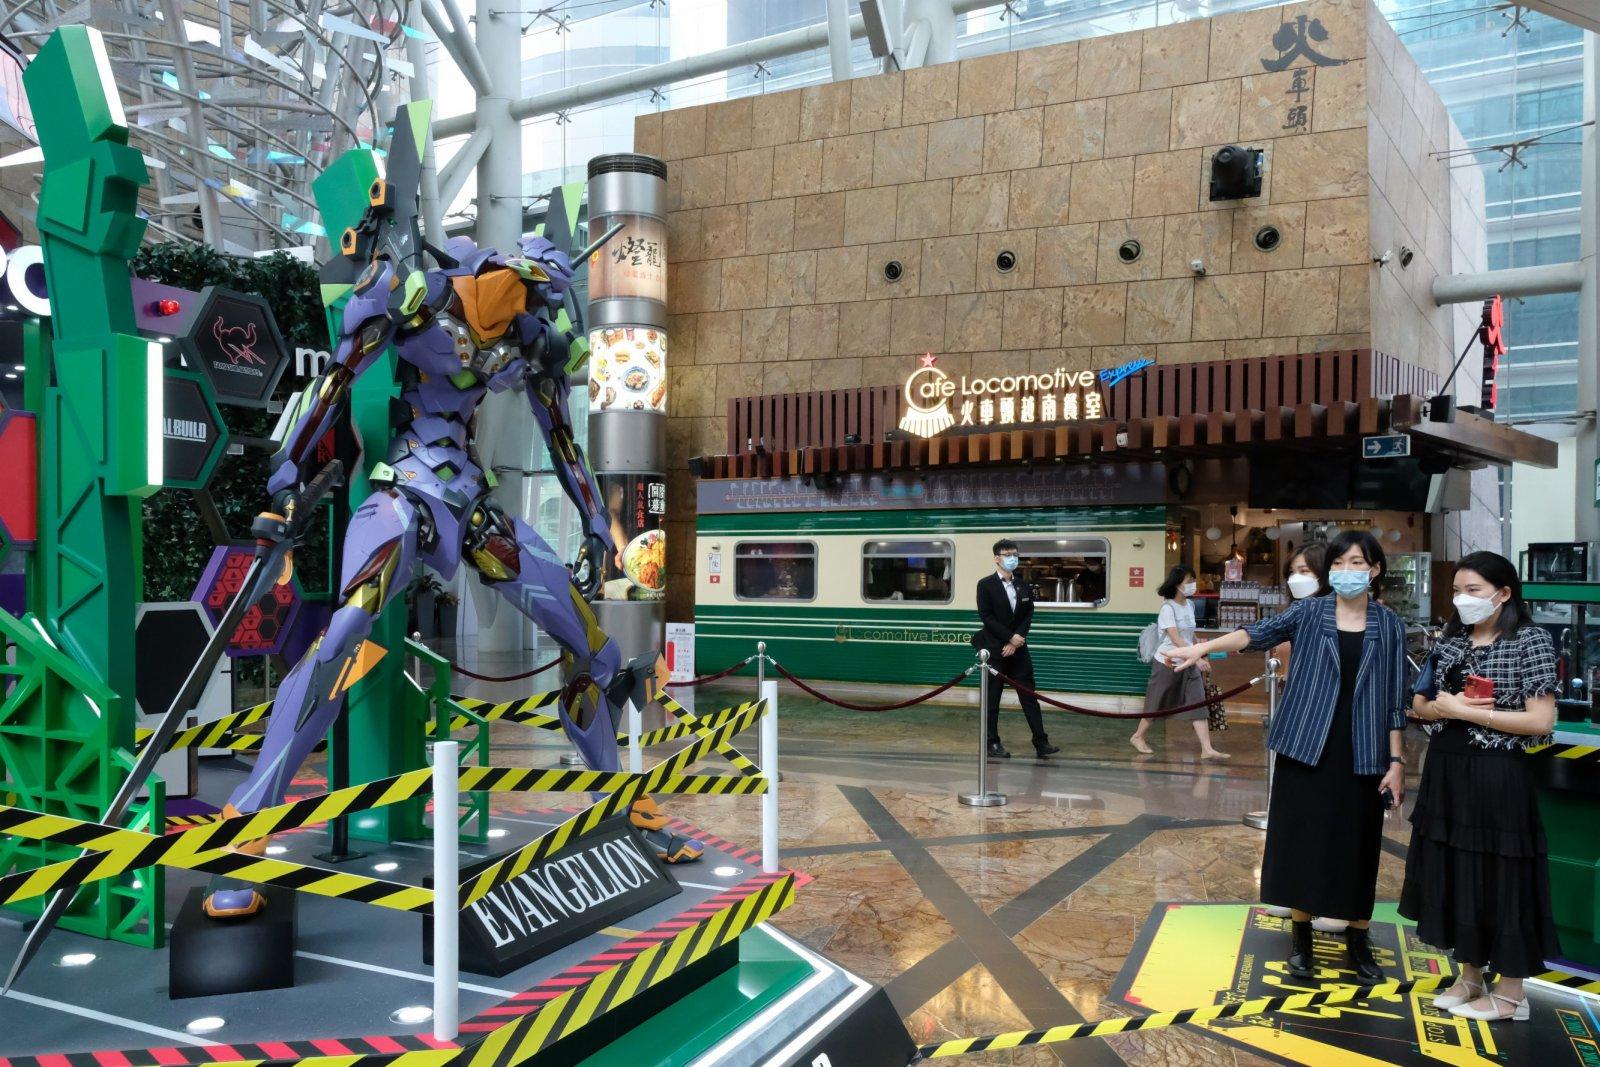 展覽有3大主題區,其中包括會於4樓通天廣場首次展出2.4米高的EVA 機體初號機,以及EVA經典武器朗基努斯槍。